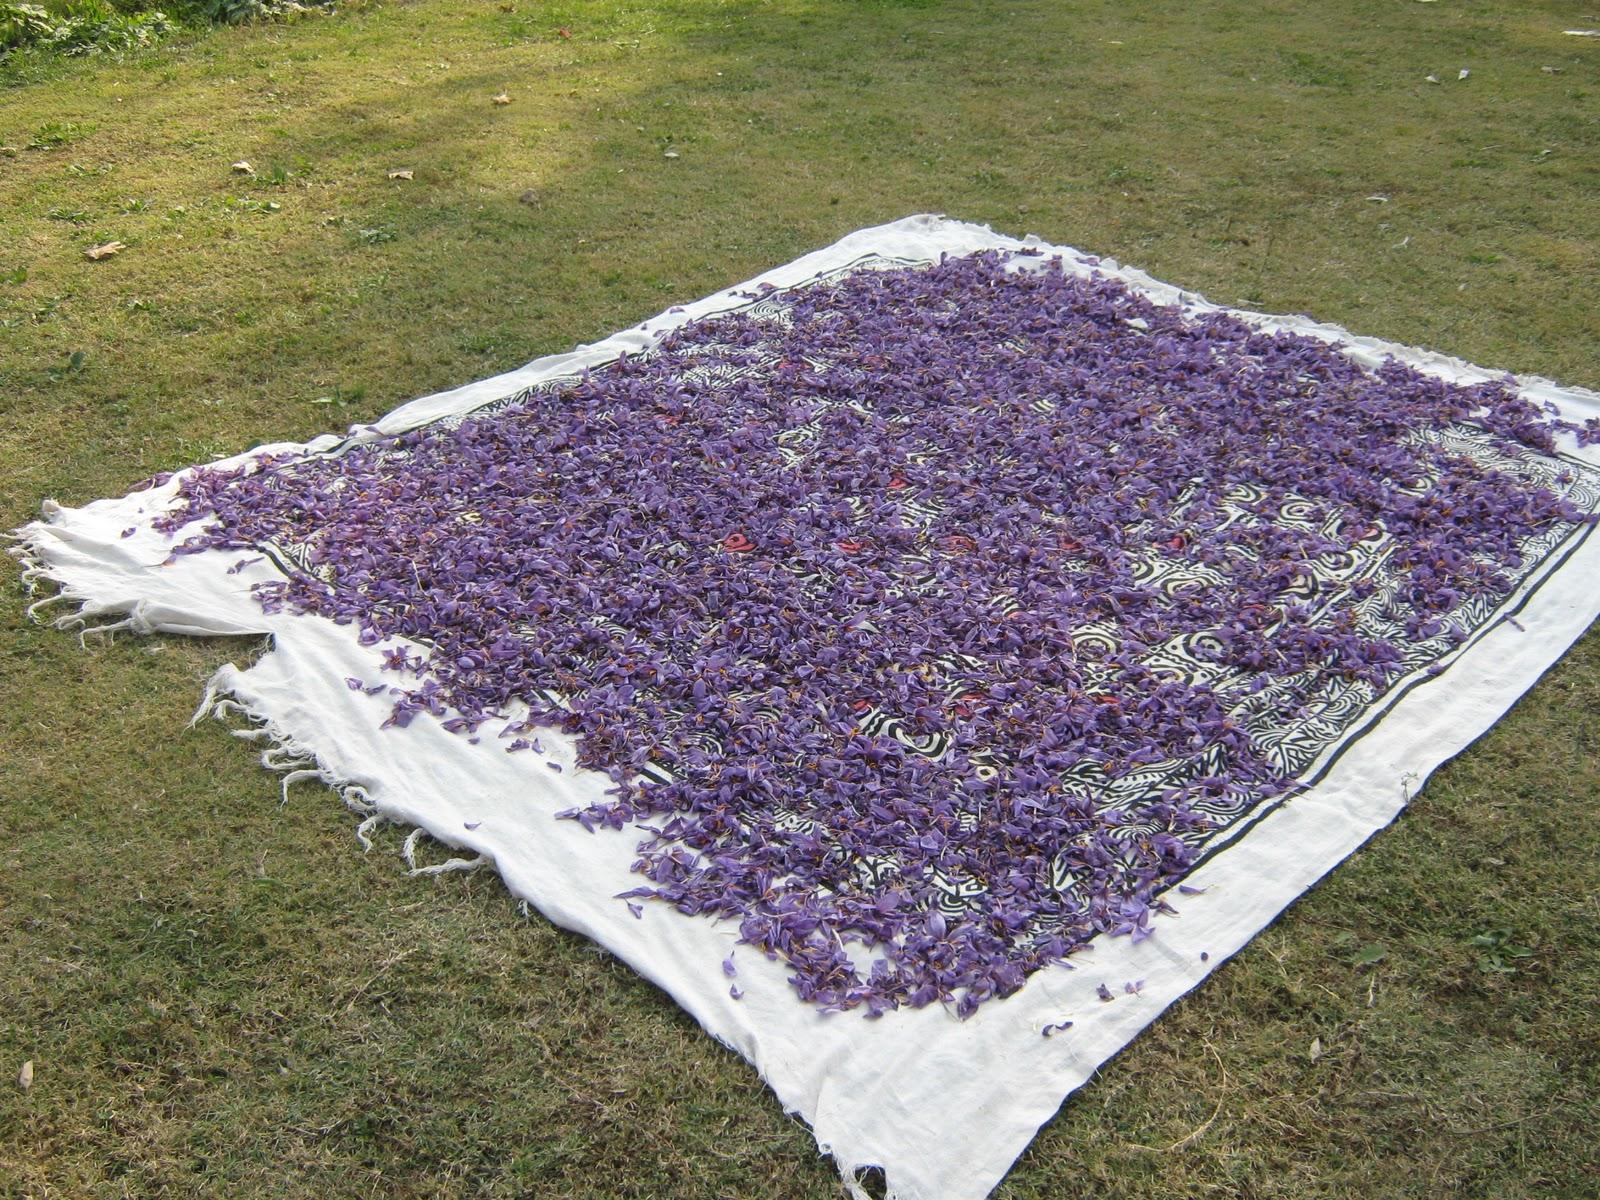 CHINAR SHADE : SAFFRON FLOWERS OF PAMPORE KASHMIR Kashmiri Saffron Corms For Sale